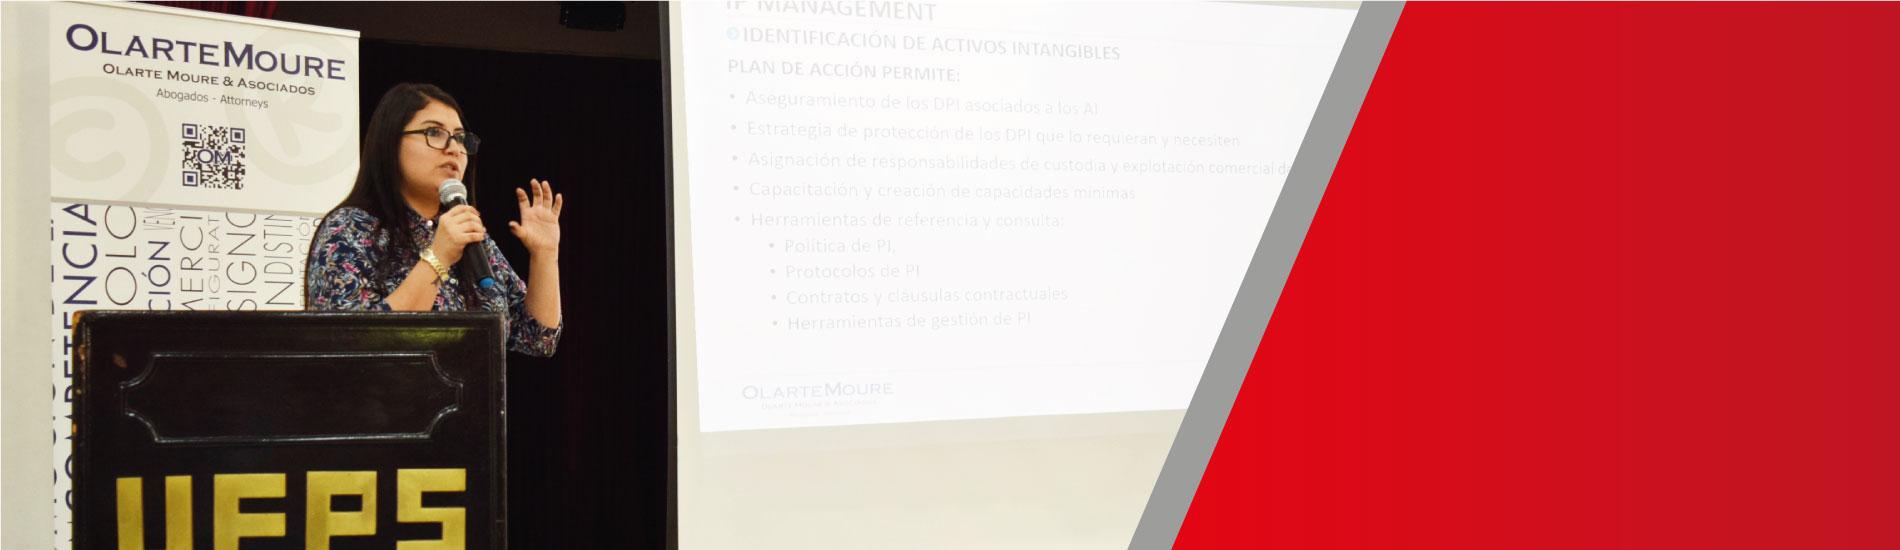 Generalidades y apropiación de la gestión de propiedad intelectual en Seminario UFPS